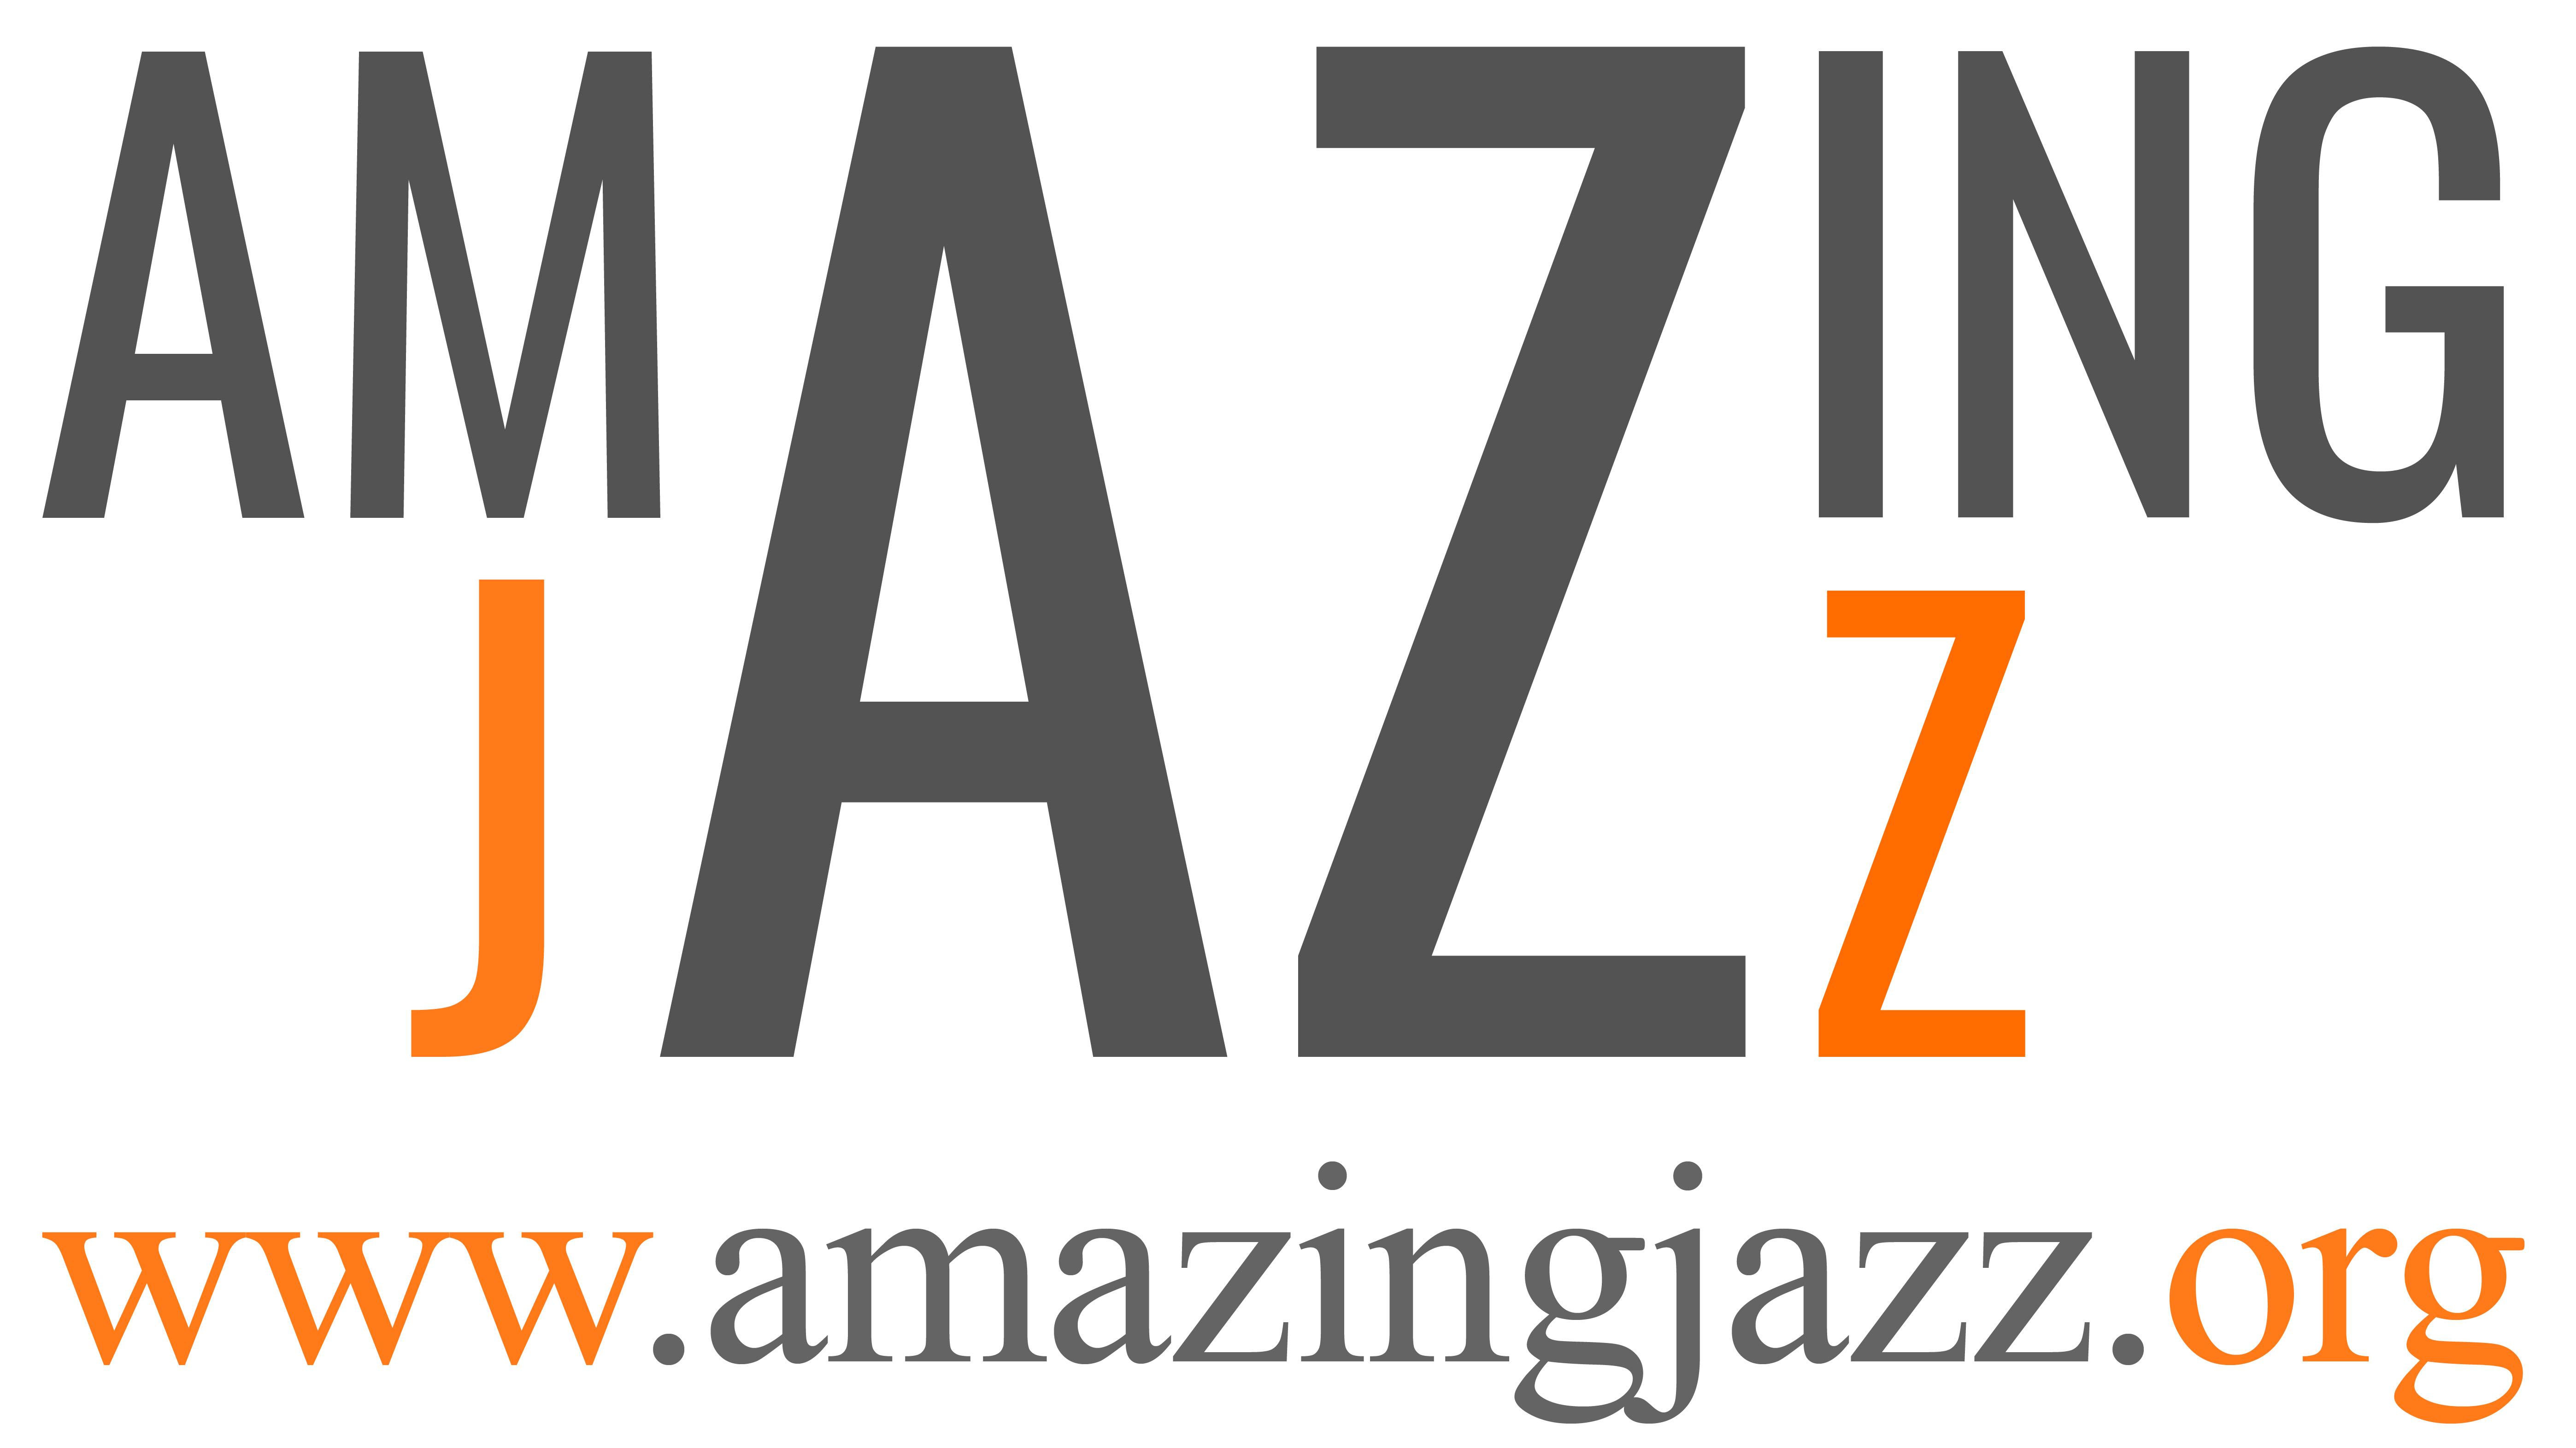 amazingjazz.org